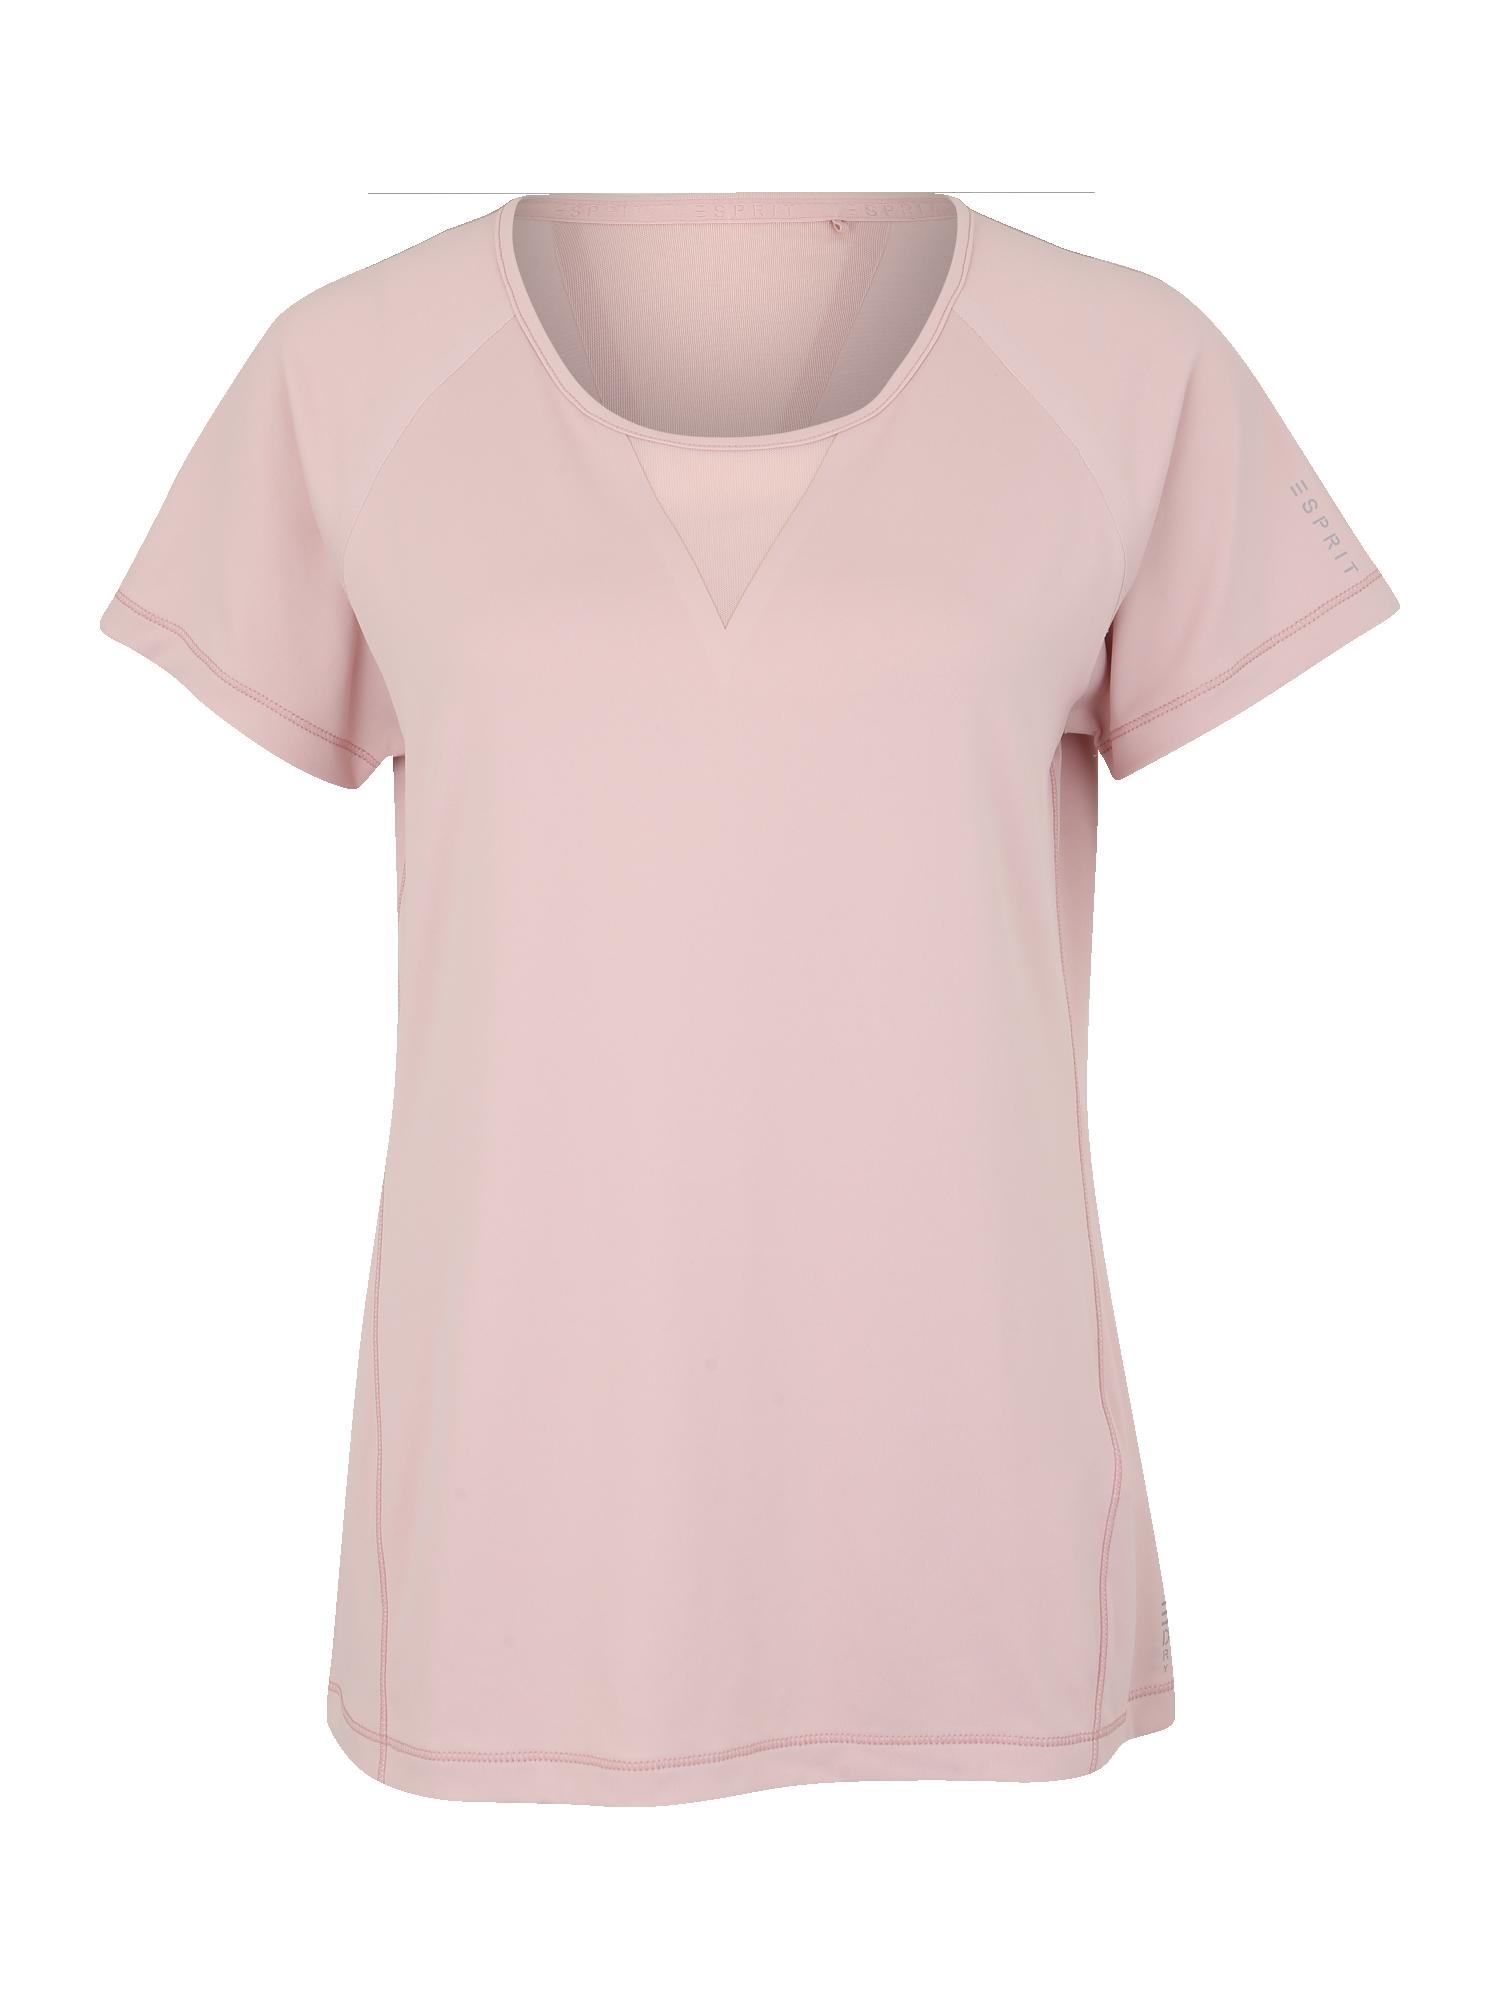 ee95ead93300 ESPRIT SPORTS Funkčné tričko Ružová - Glami.sk